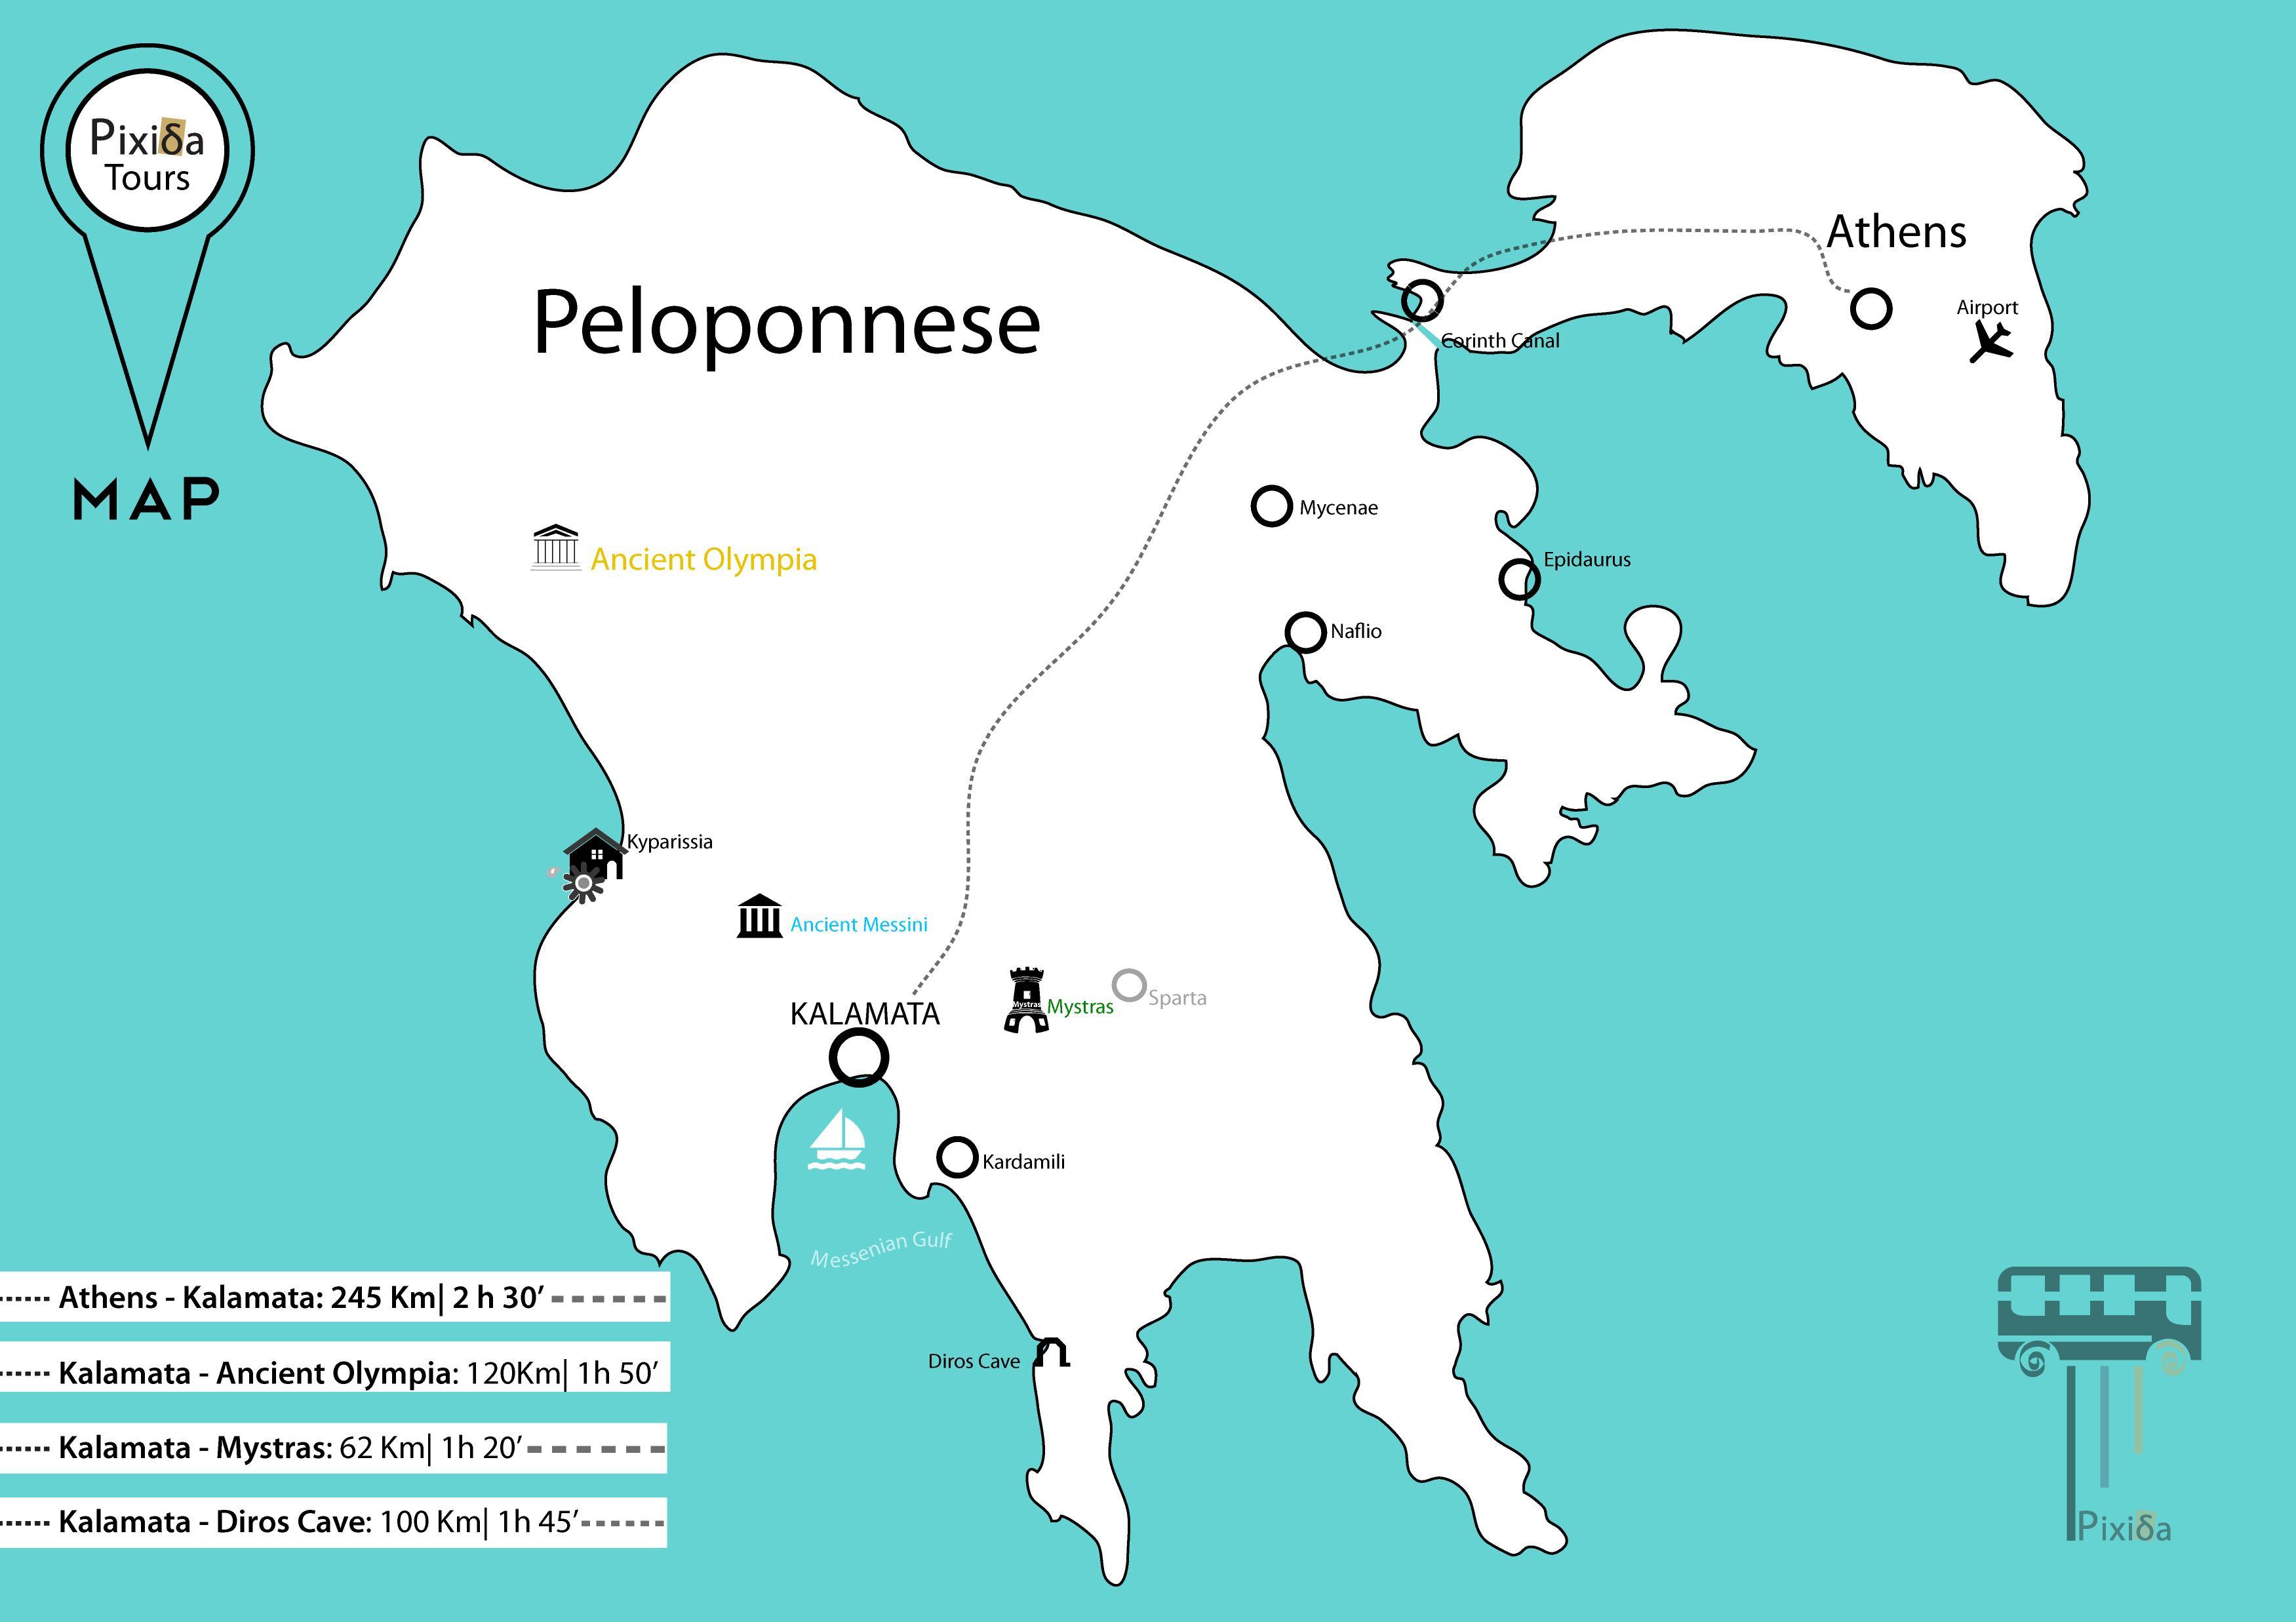 Cartina Della Grecia Antica In Italiano.Peloponneso Grecia Antica Mappa Cartina Dell Antica Grecia Peloponneso Europa Del Sud Europa